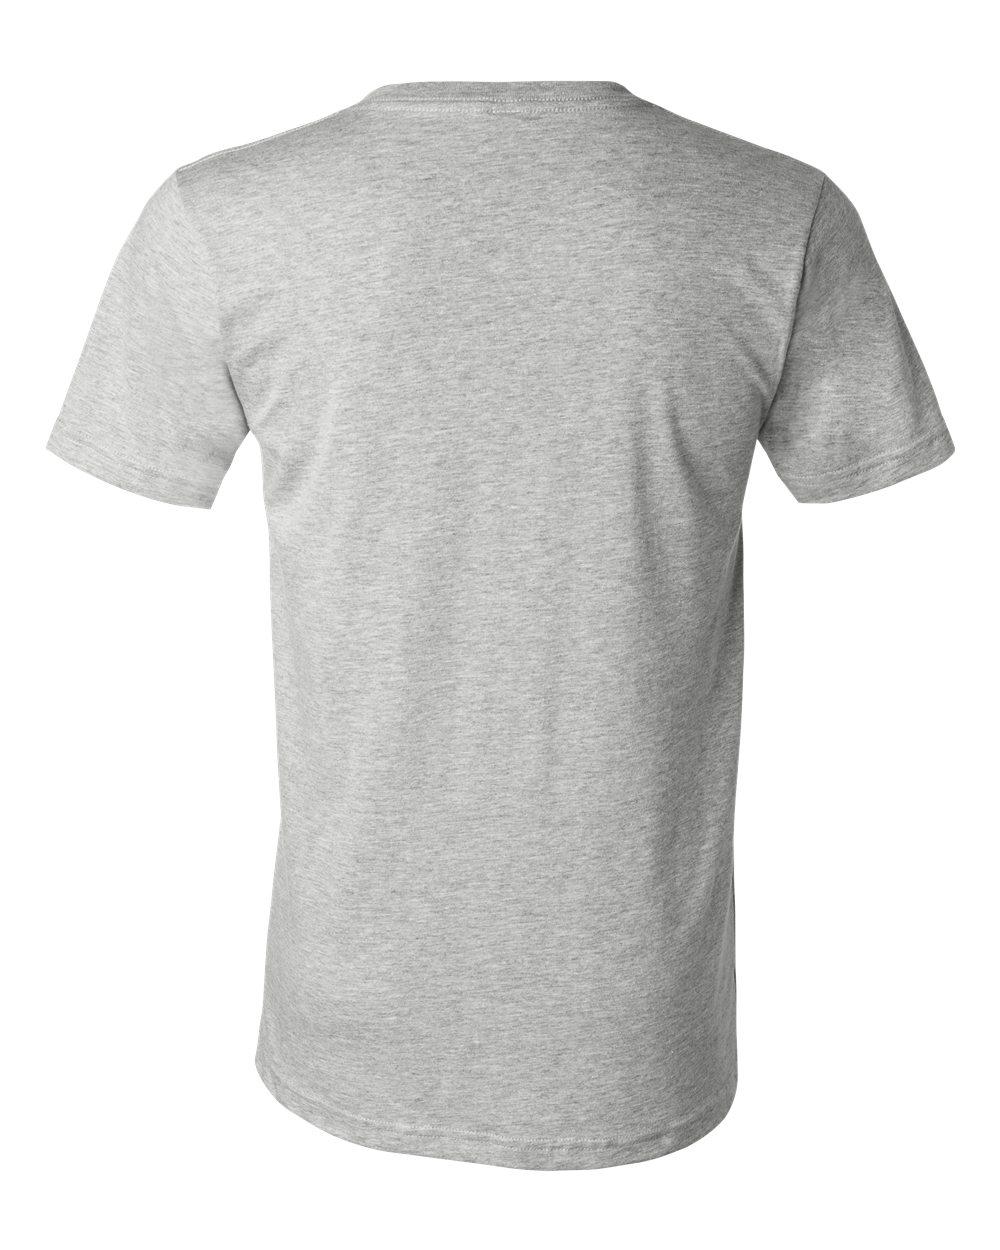 Bella-Canvas-Men-039-s-Jersey-Short-Sleeve-V-Neck-T-Shirt-3005-XS-3XL thumbnail 62